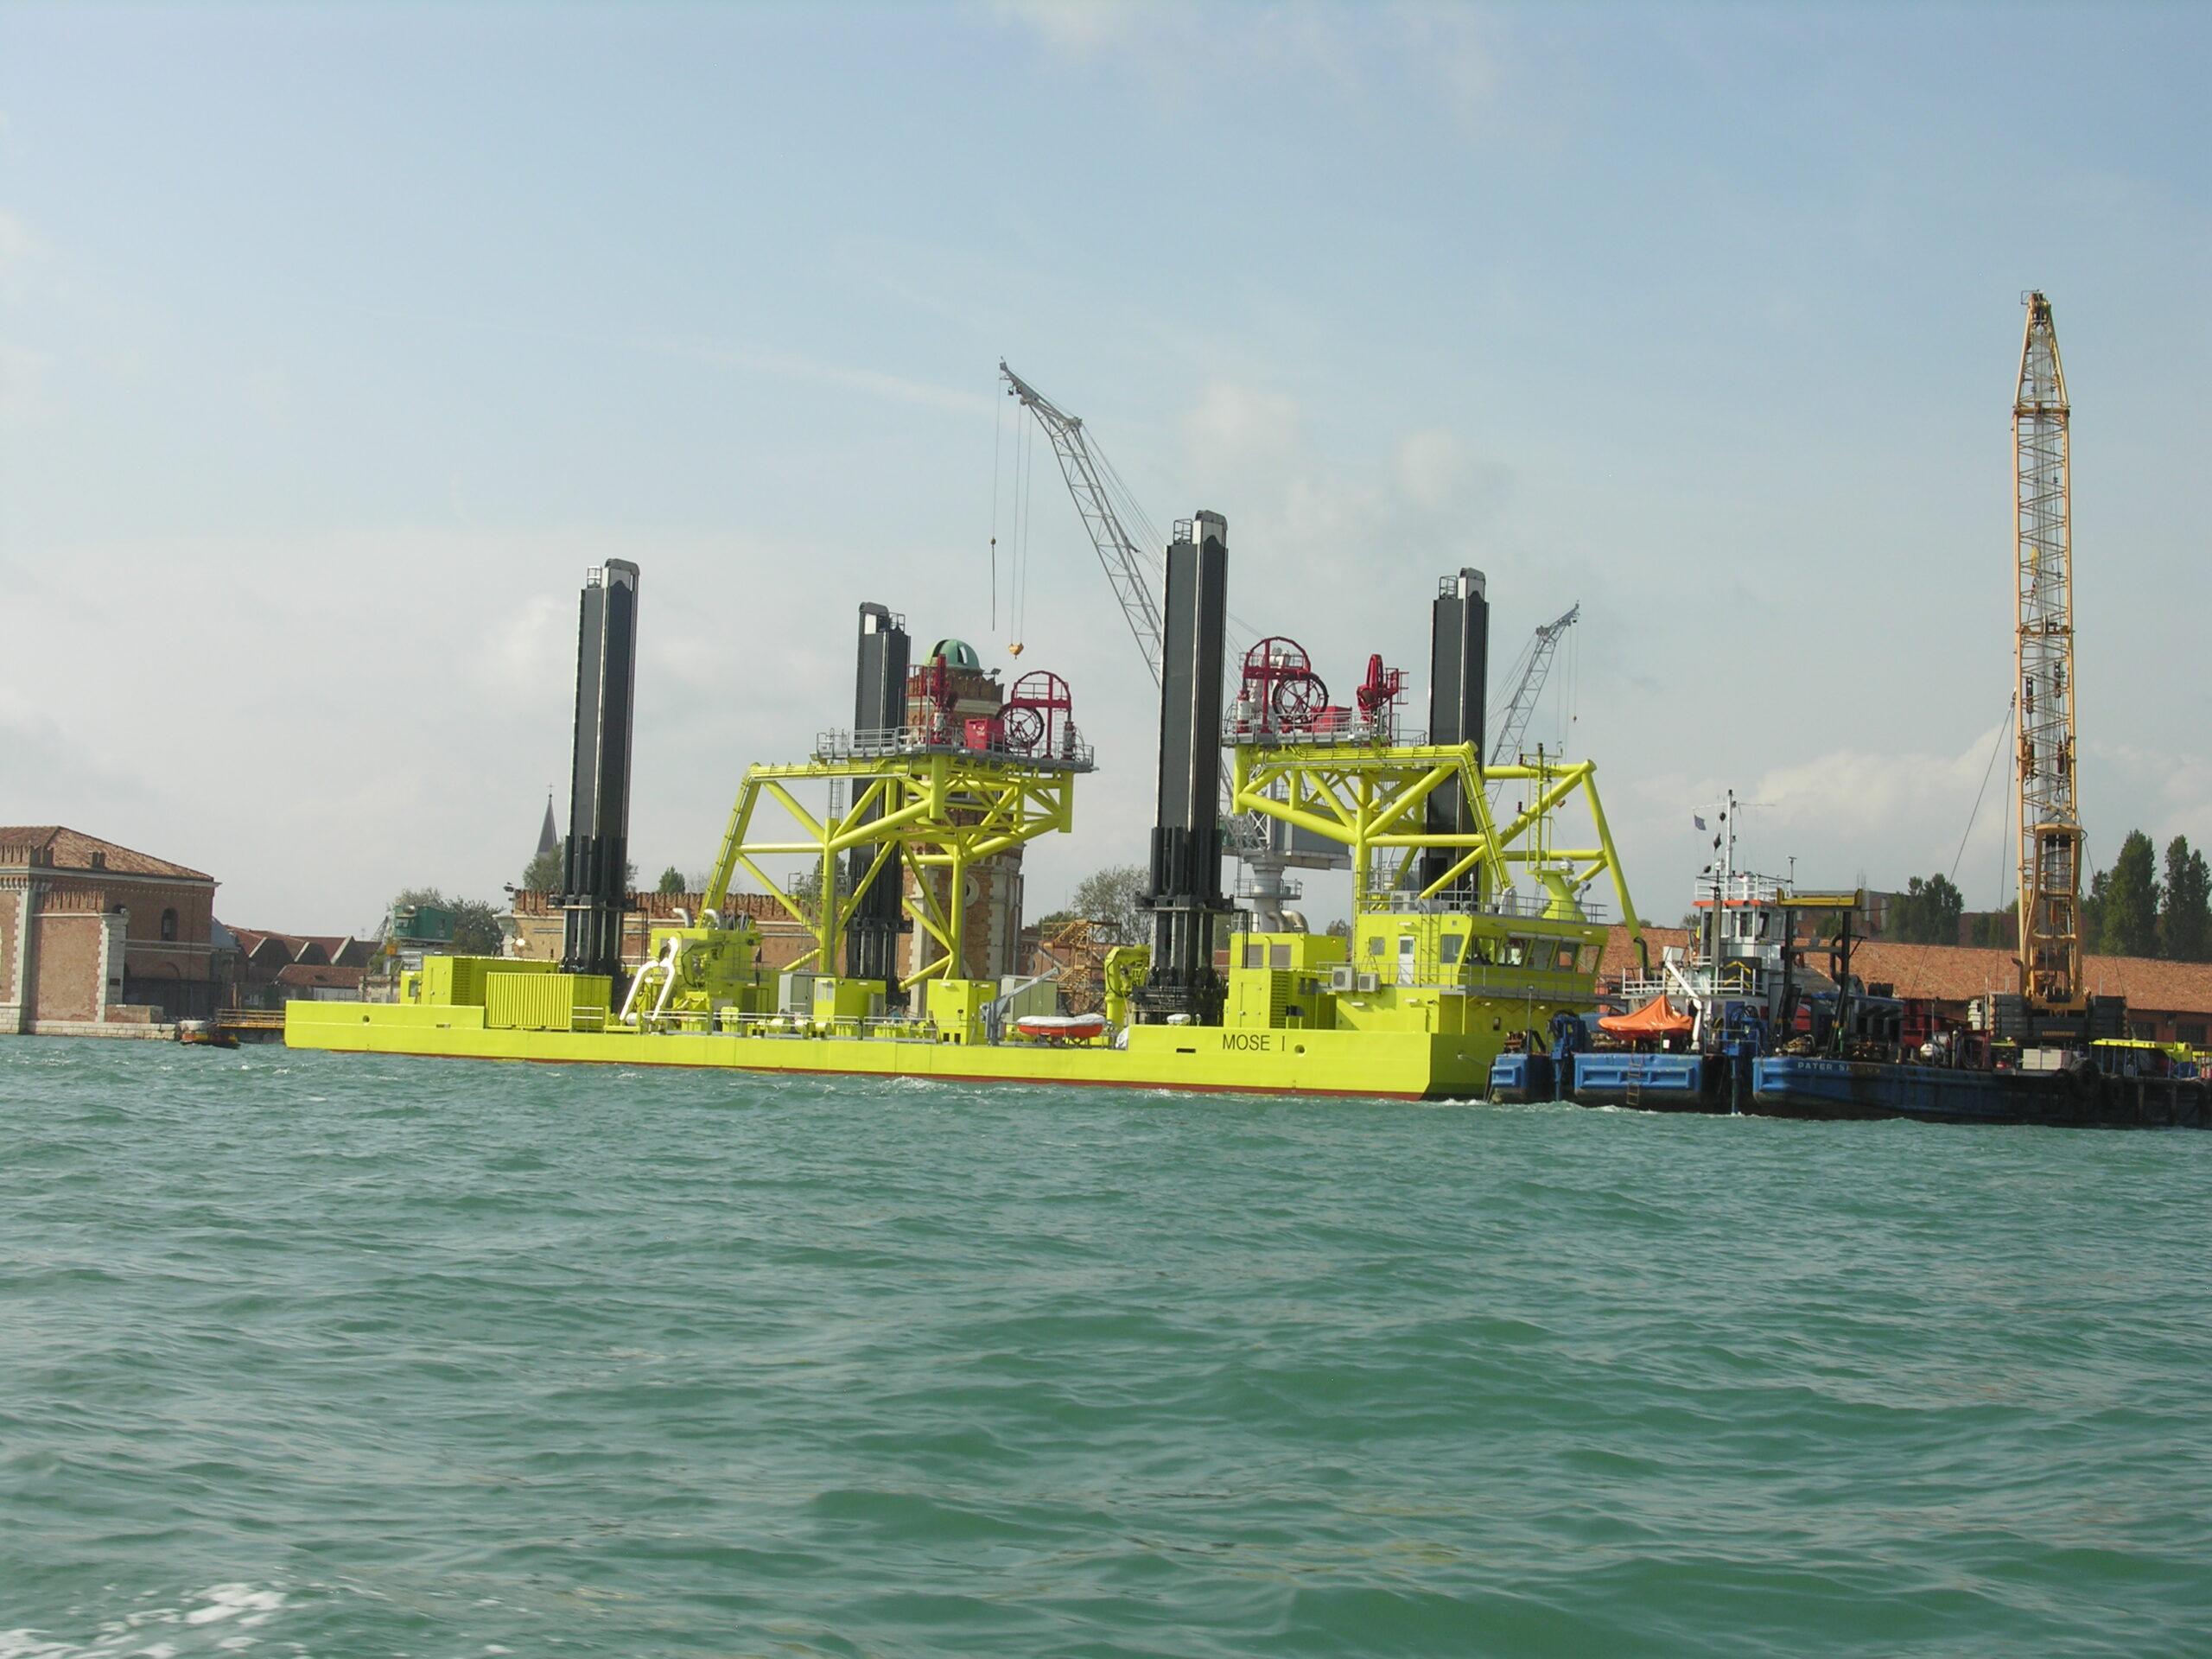 The Economist 12.07.2020: Venice Tests Its Flood Defences